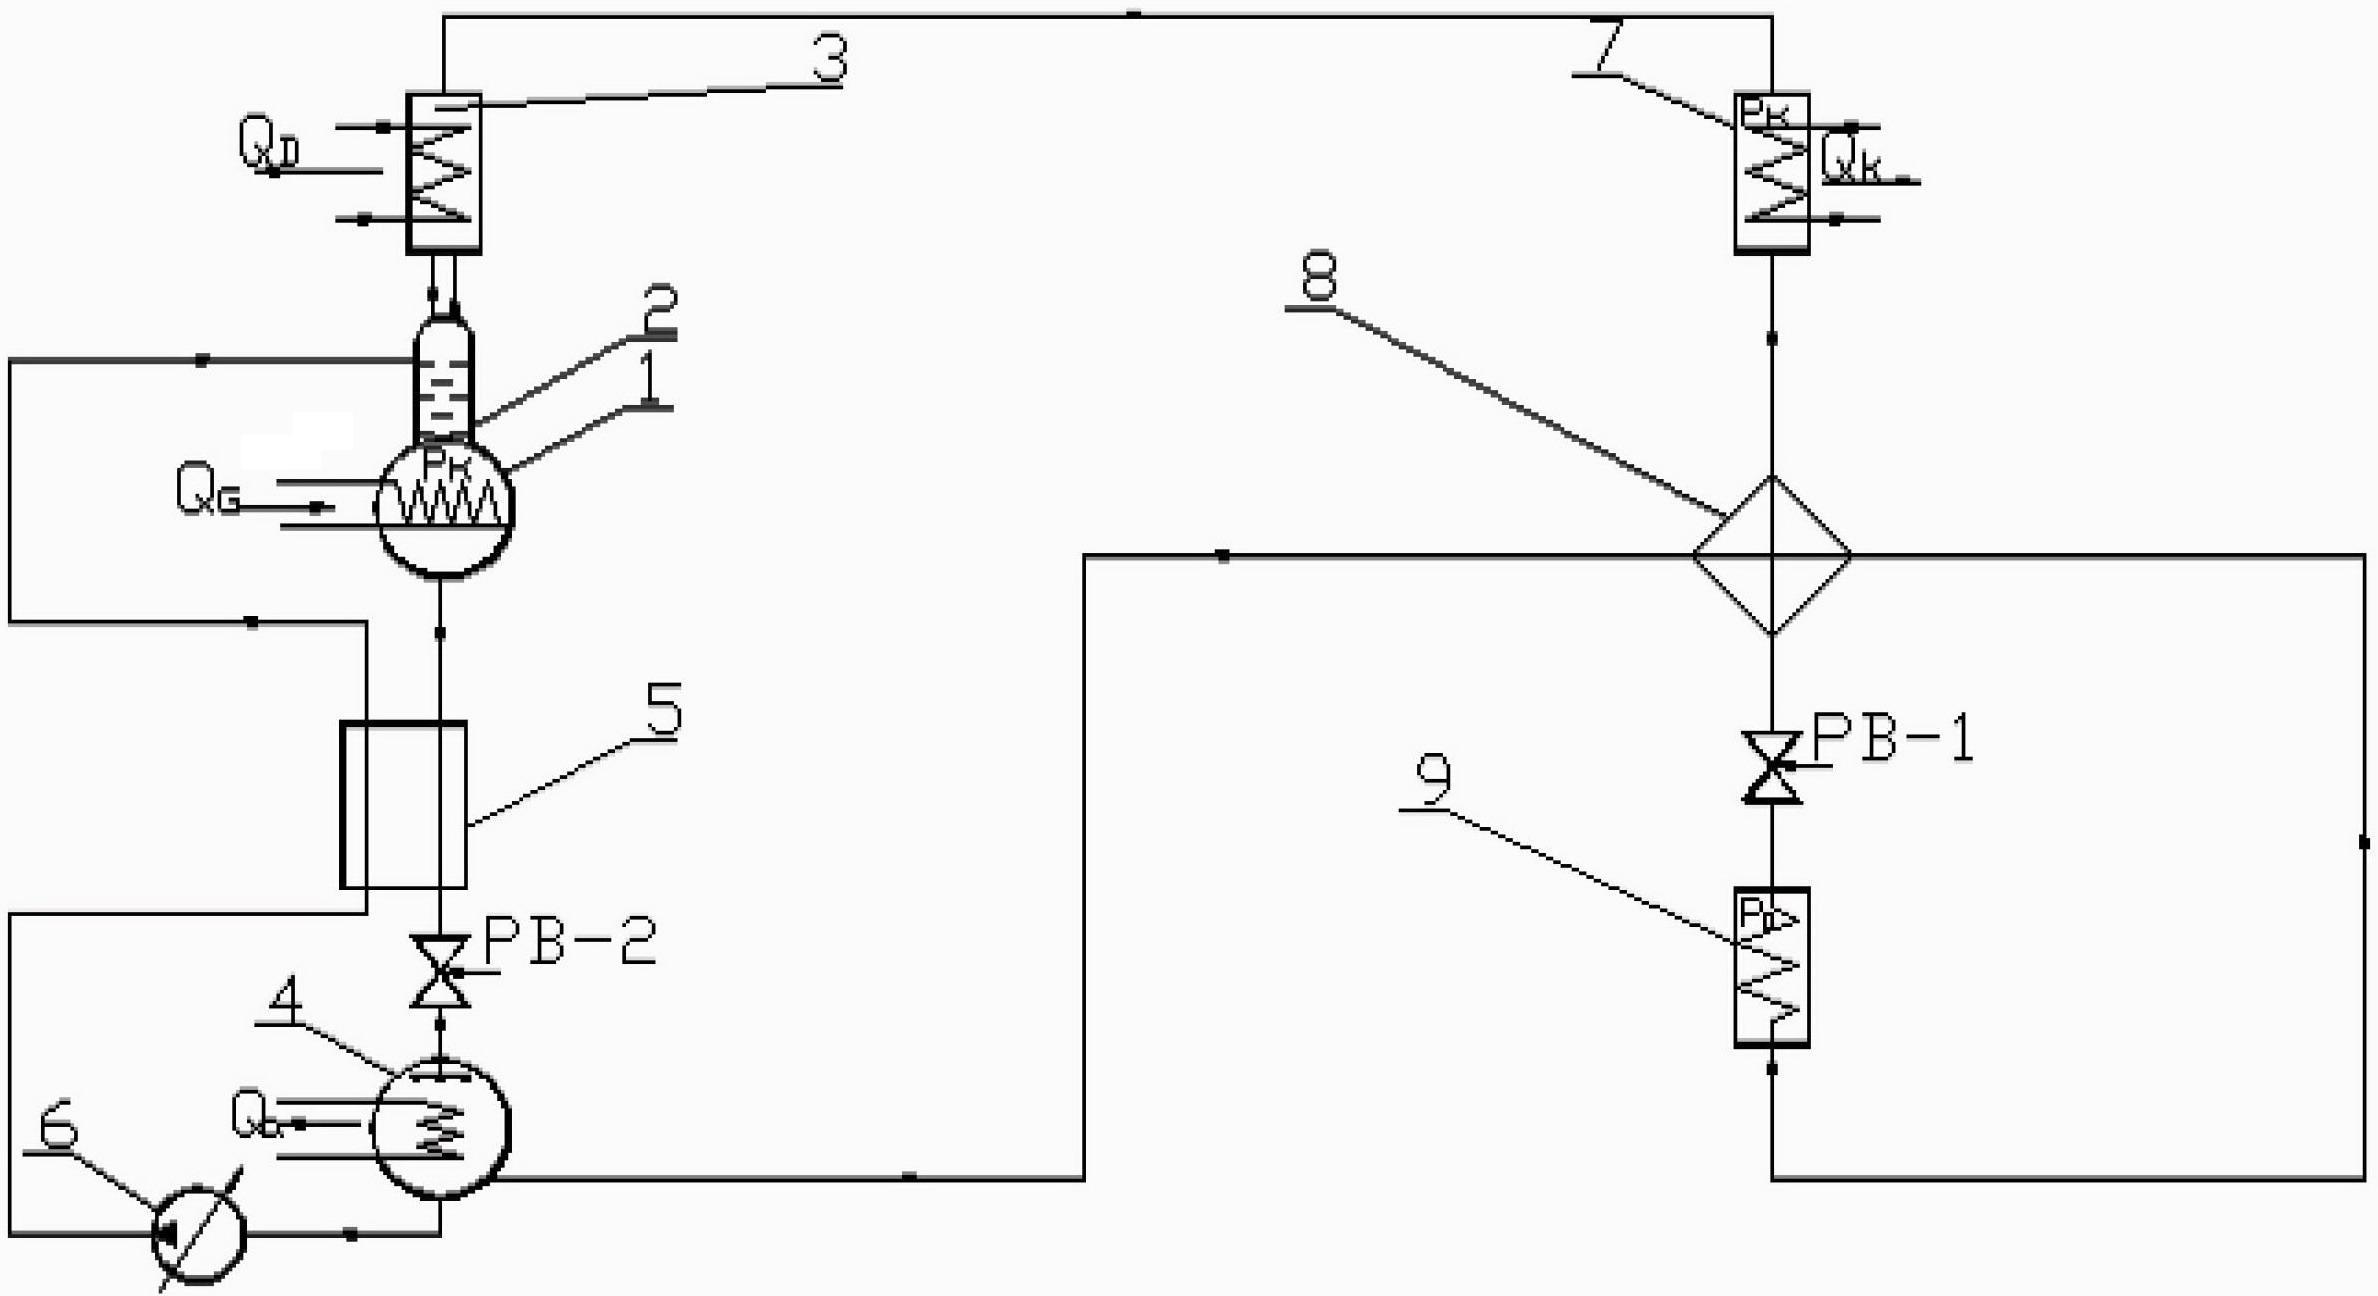 Рис. 1. Схема АВХМ с двумя регенеративными теплообменниками